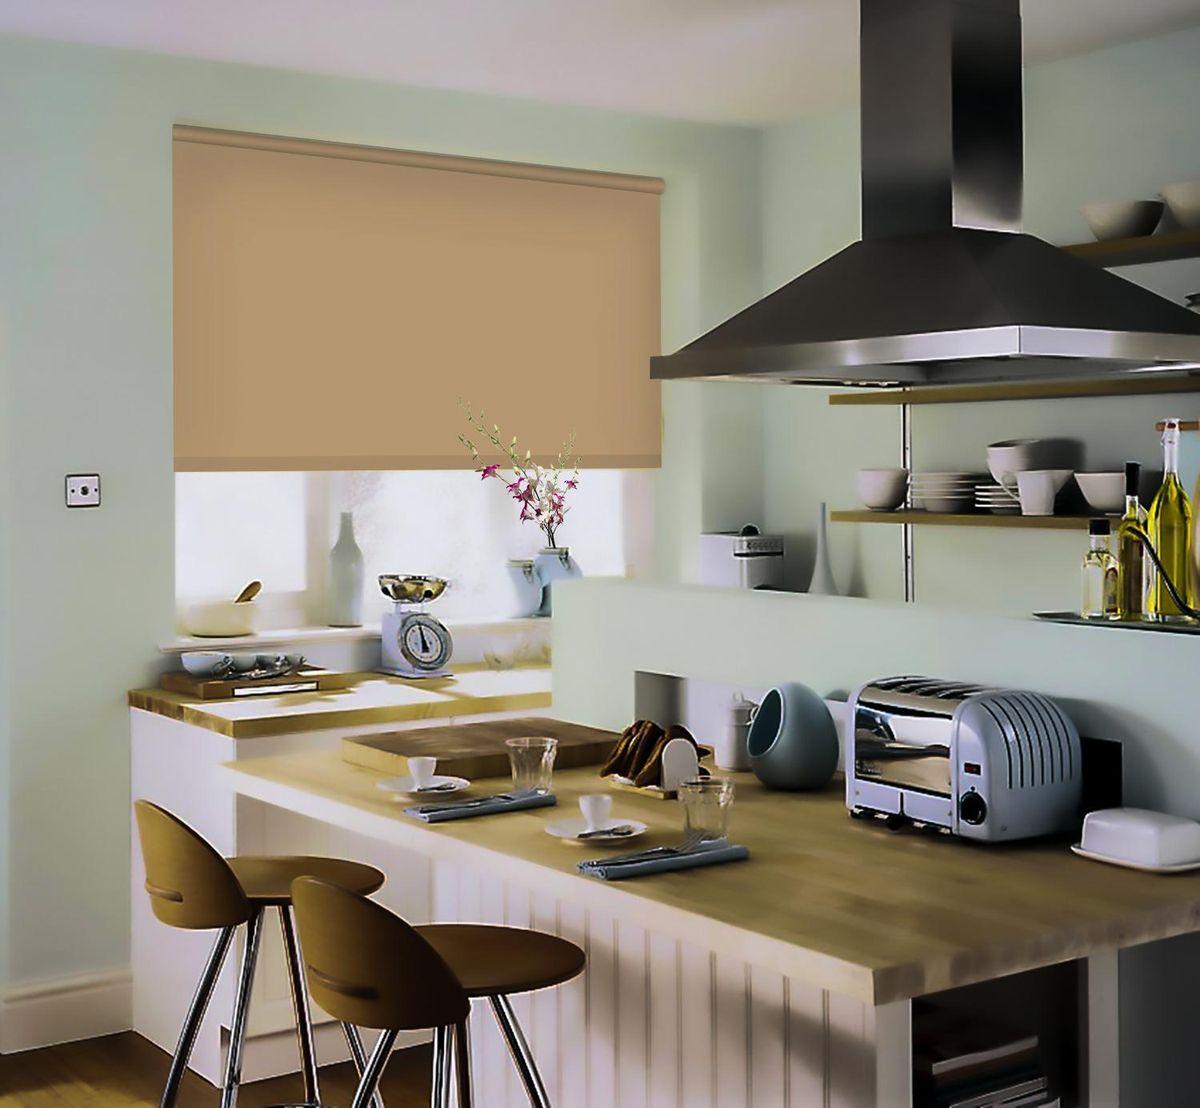 Штора рулонная Эскар, цвет: темно-бежевый, ширина 120 см, высота 170 см81209120170Рулонными шторами можно оформлять окна как самостоятельно, так и использовать в комбинации с портьерами. Это поможет предотвратить выгорание дорогой ткани на солнце и соединит функционал рулонных с красотой навесных. Преимущества применения рулонных штор для пластиковых окон: - имеют прекрасный внешний вид: многообразие и фактурность материала изделия отлично смотрятся в любом интерьере; - многофункциональны: есть возможность подобрать шторы способные эффективно защитить комнату от солнца, при этом о на не будет слишком темной. - Есть возможность осуществить быстрый монтаж. ВНИМАНИЕ! Размеры ширины изделия указаны по ширине ткани! Во время эксплуатации не рекомендуется полностью разматывать рулон, чтобы не оторвать ткань от намоточного вала. В случае загрязнения поверхности ткани, чистку шторы проводят одним из способов, в зависимости от типа загрязнения: легкое поверхностное загрязнение можно удалить при помощи...